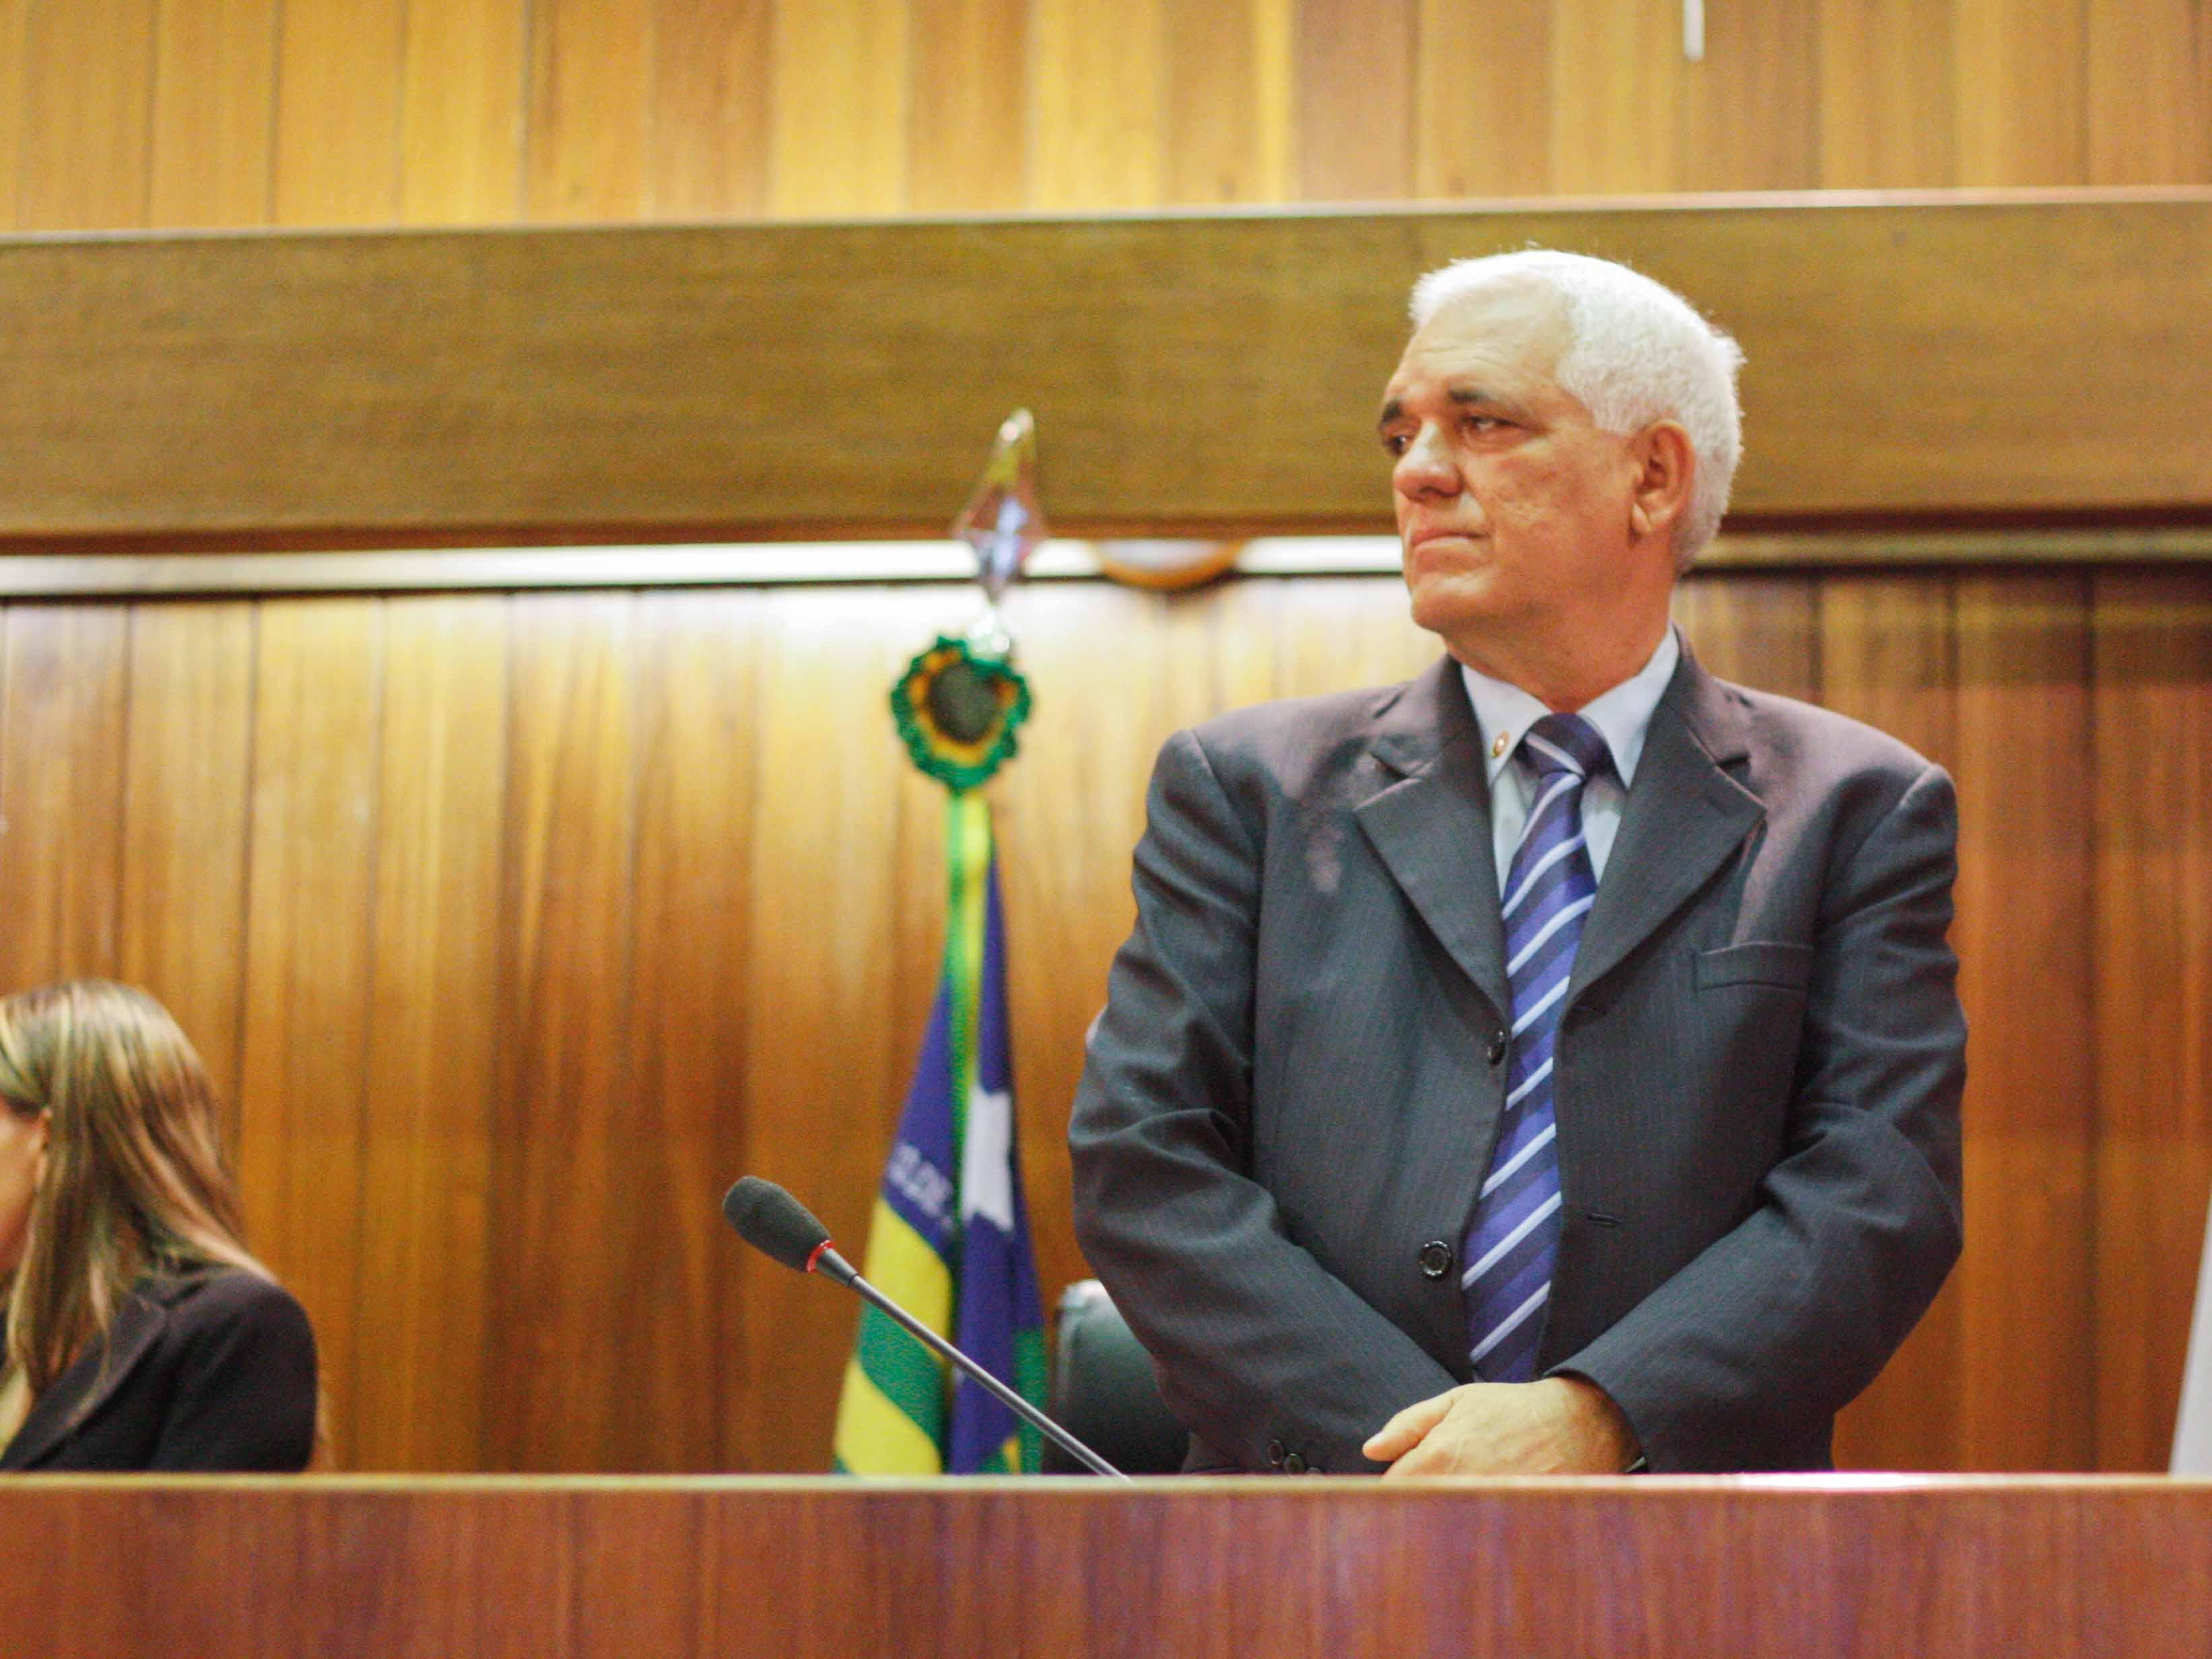 Presidente da Assembleia Legislativa do Piauí, Themístocles Filho - Foto: Ascom/Alepi